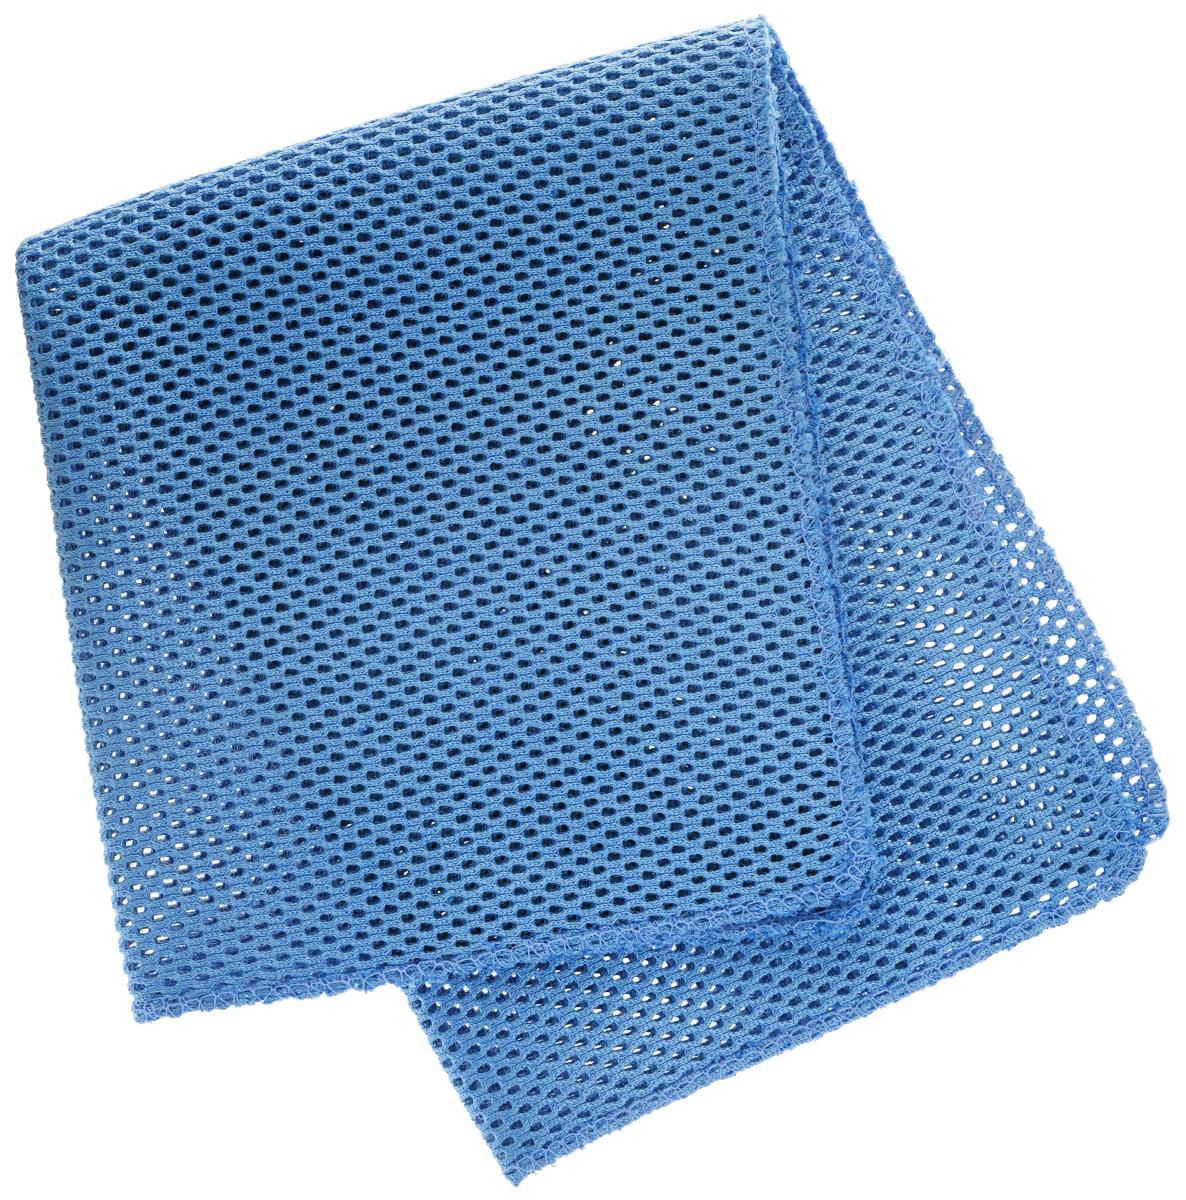 Салфетка для уборки Eva, сетчатая, цвет: синий, 30 см х 35 смЕ71_синийСетчатая салфетка Eva, изготовленная из полиамида и полиэстера, предназначена для очищения загрязнений на любых поверхностях. Изделие обладает высокой износоустойчивостью и рассчитано на многократное использование, легко моется в теплой воде с мягкими чистящими средствами. Супервпитывающая салфетка не оставляет разводов и ворсинок, удаляет большинство жирных и маслянистых загрязнений без использования химических средств.